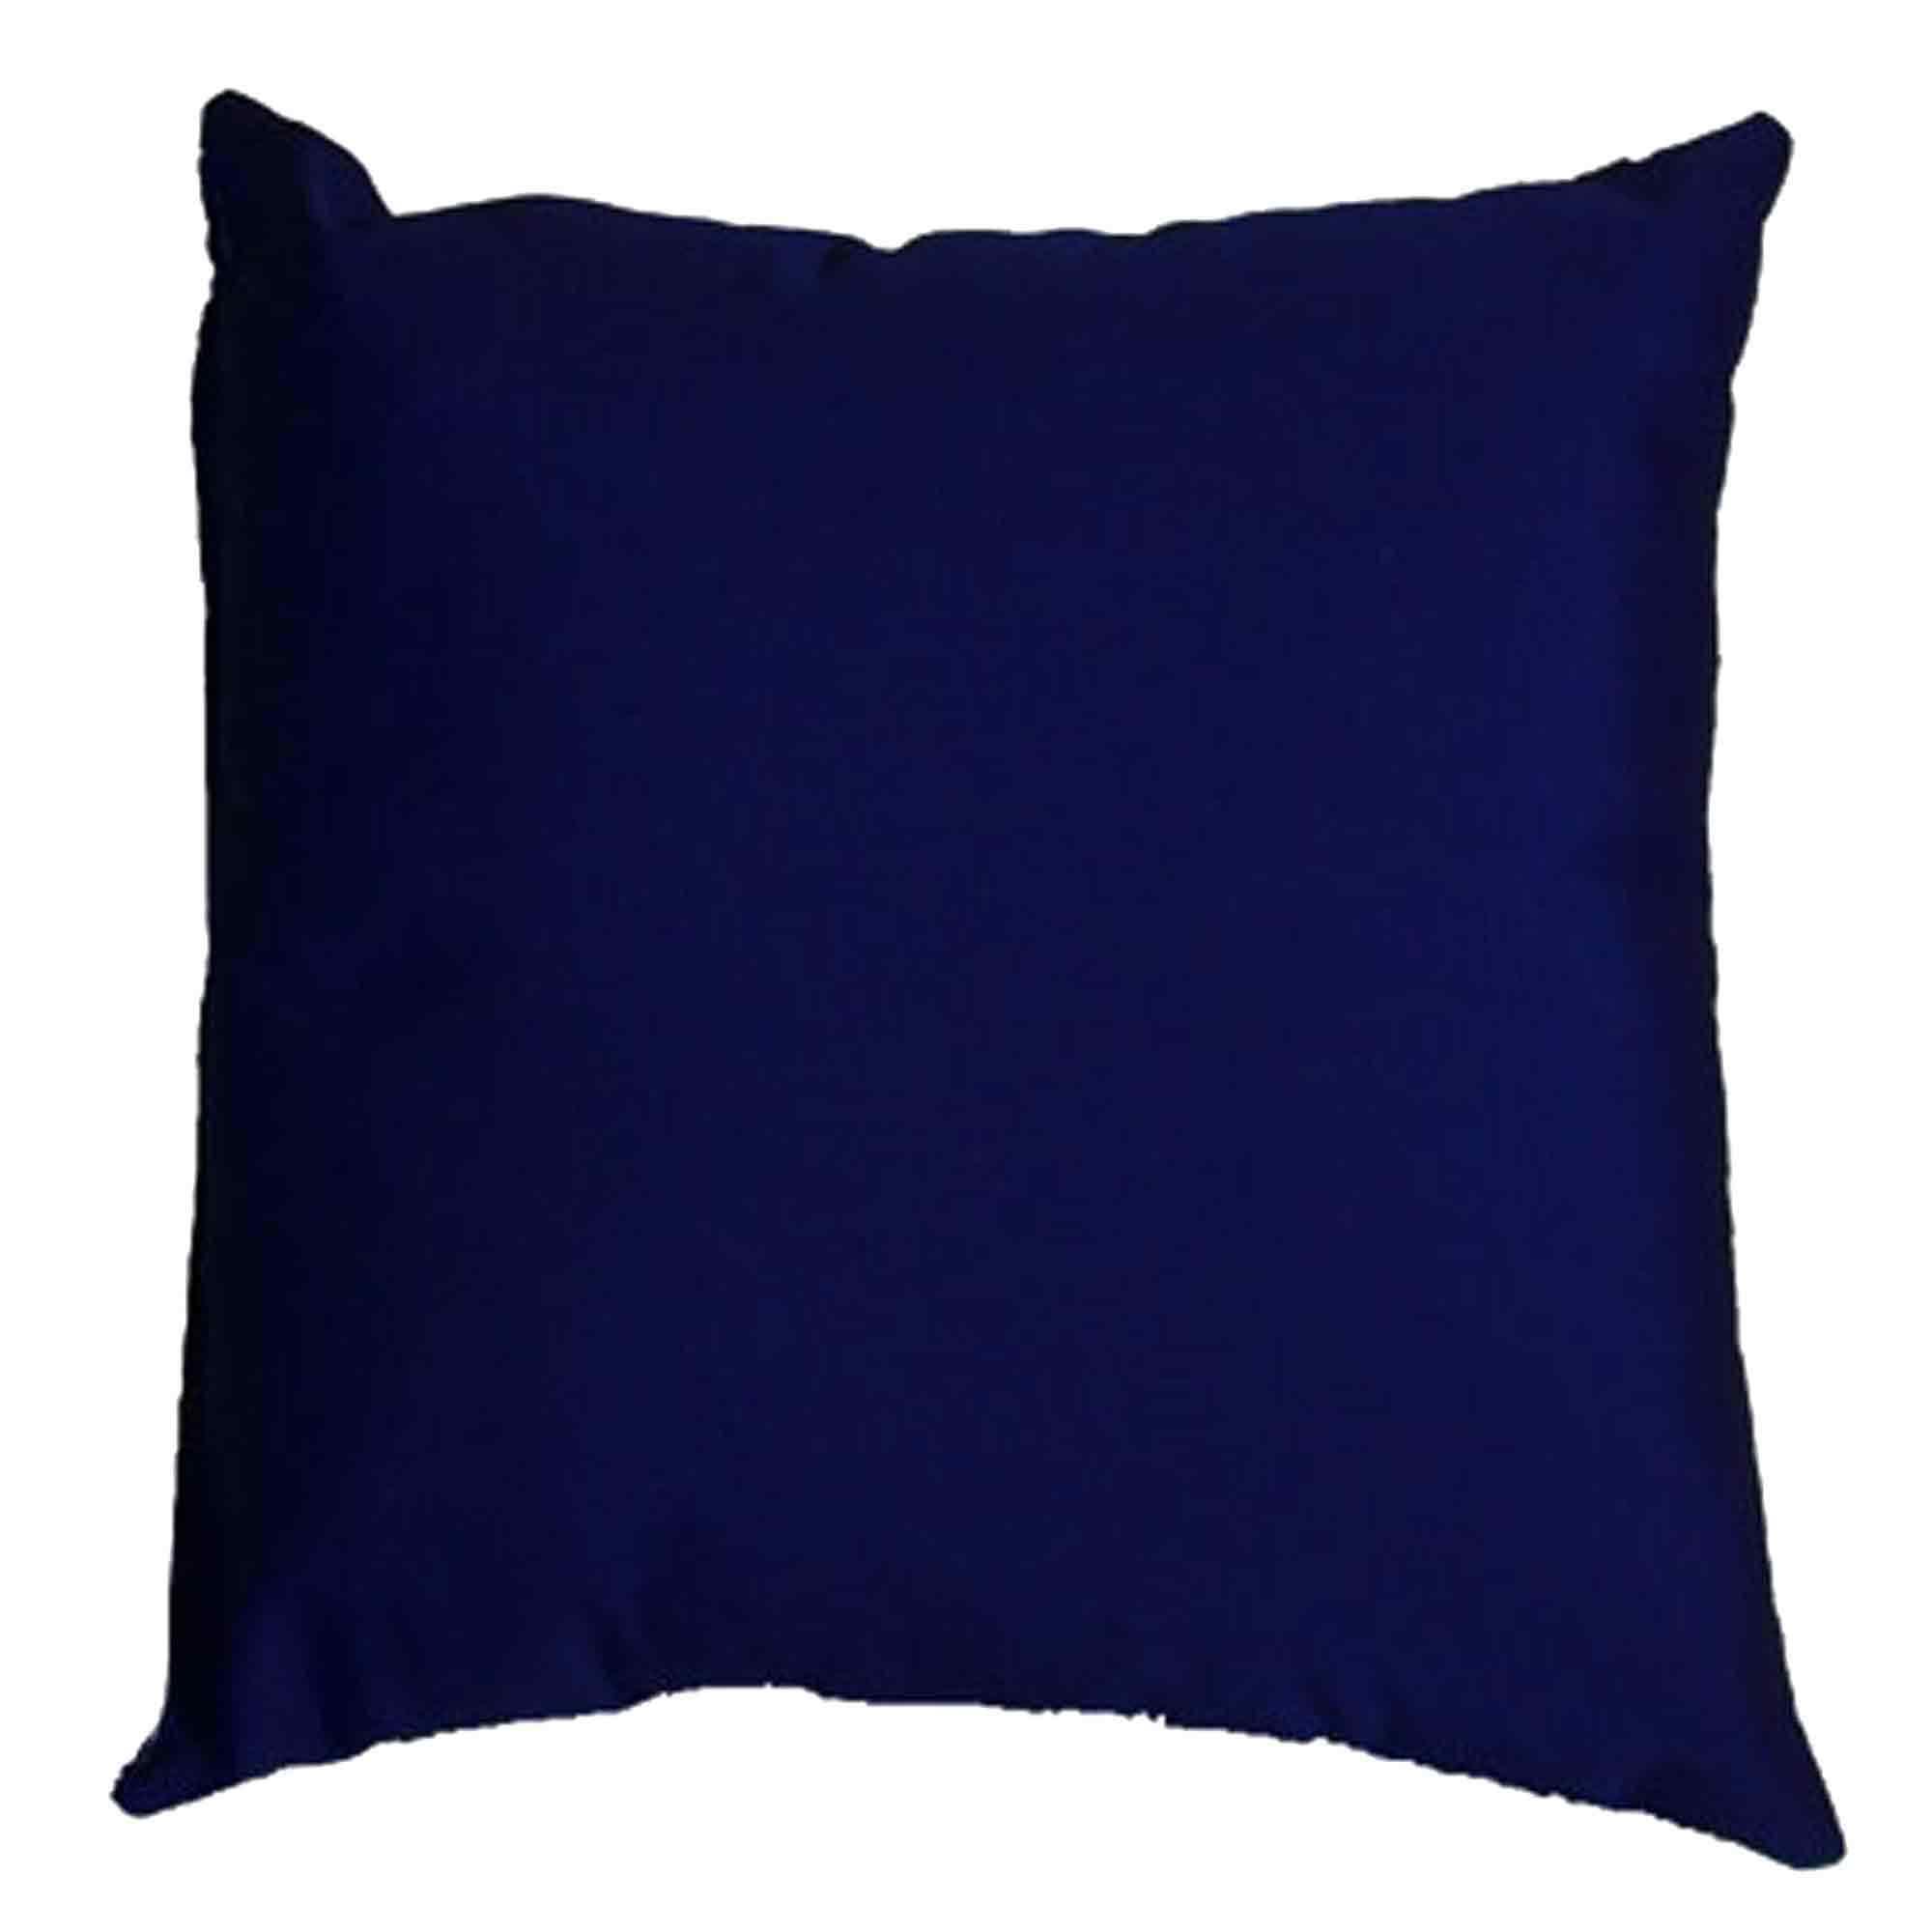 Navy Sunbrella Outdoor Throw Pillow